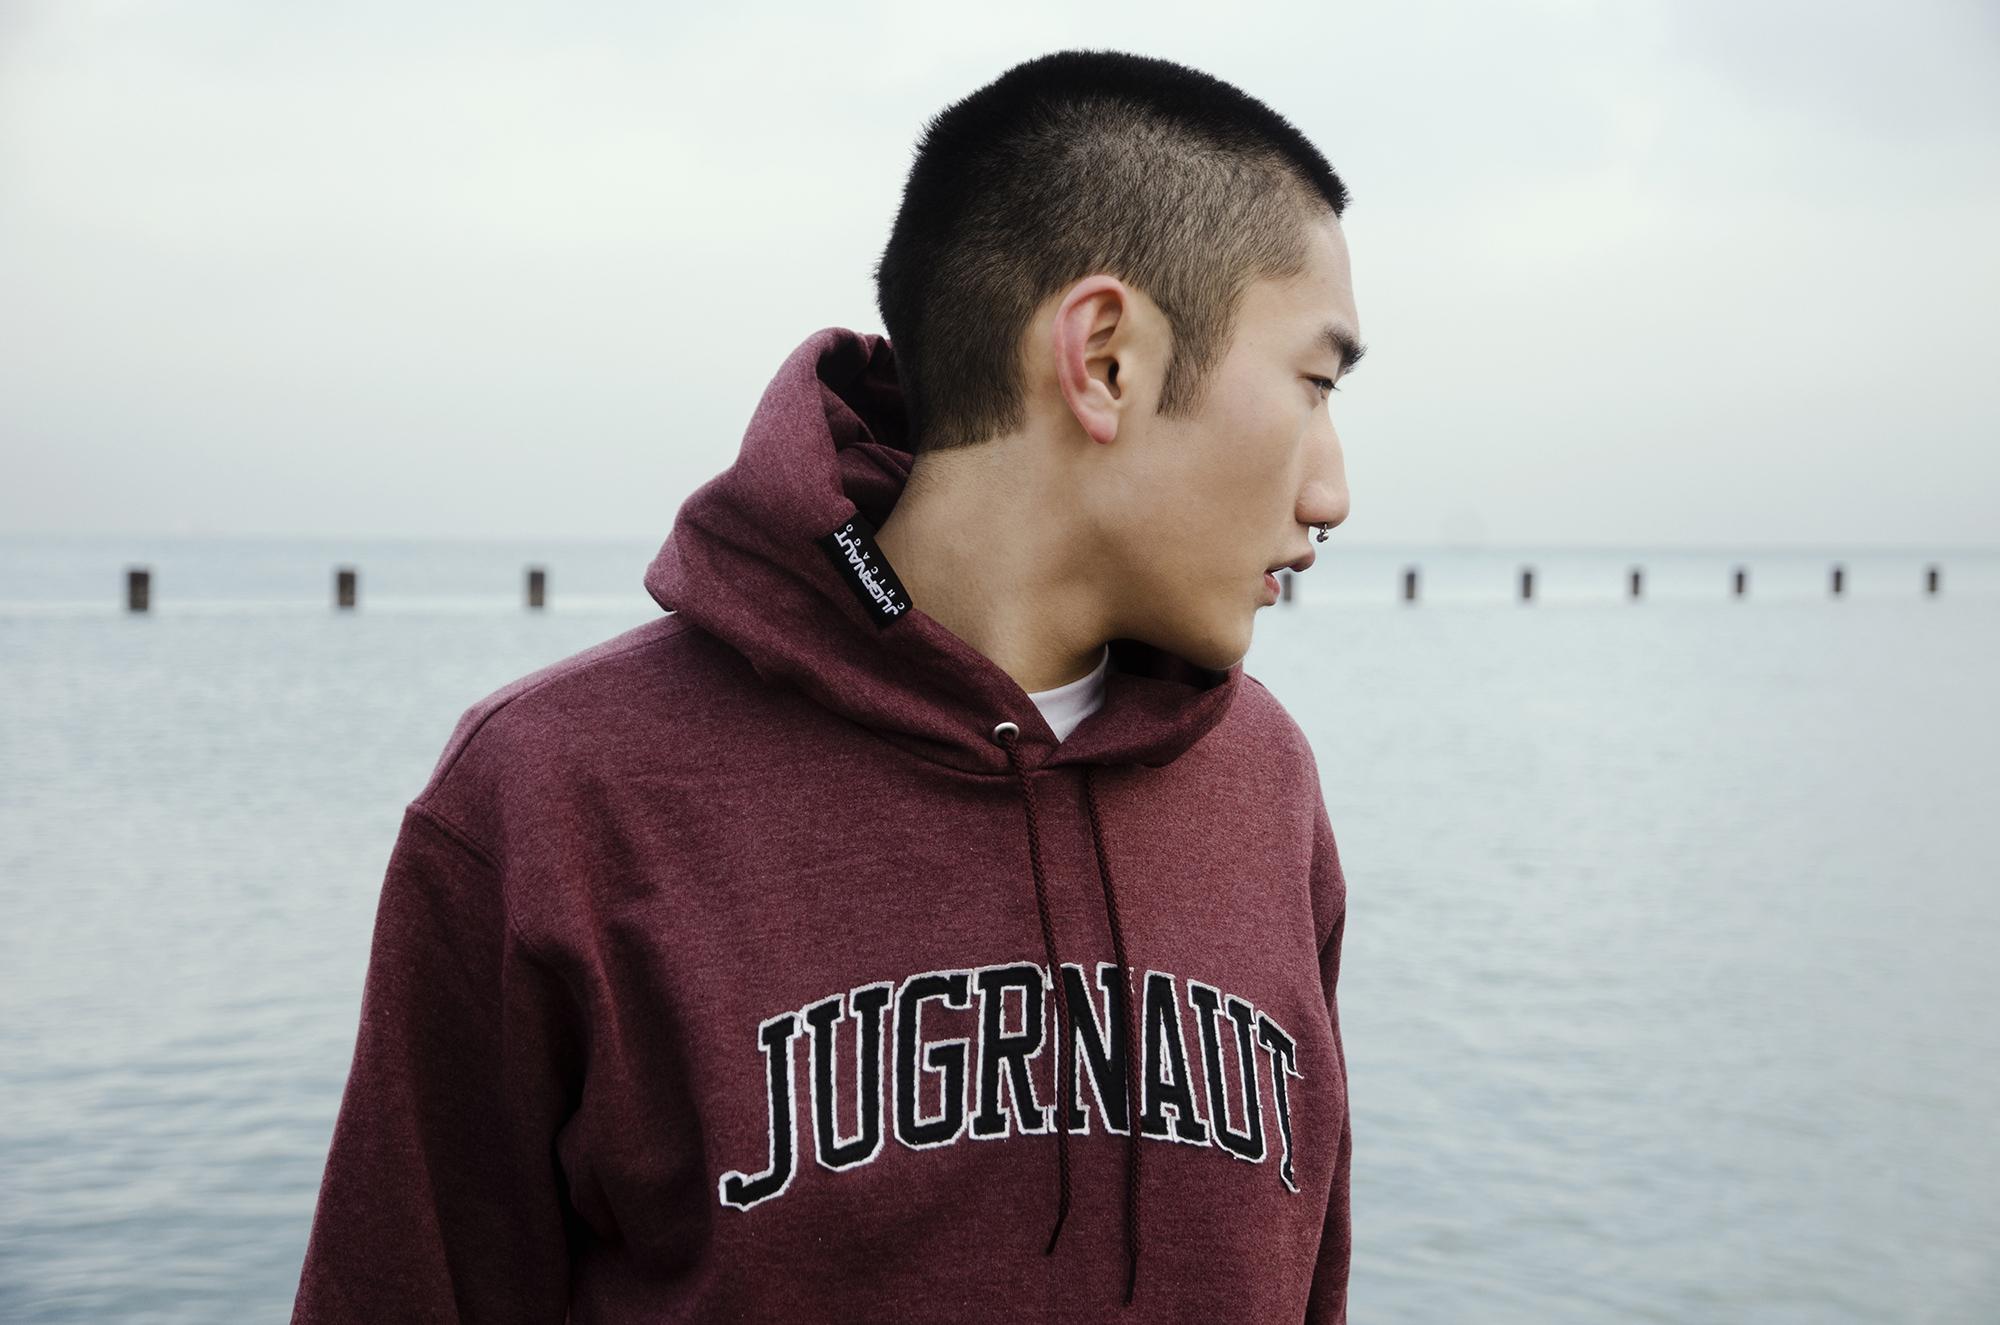 Jugrnaut_FW16-2500-9